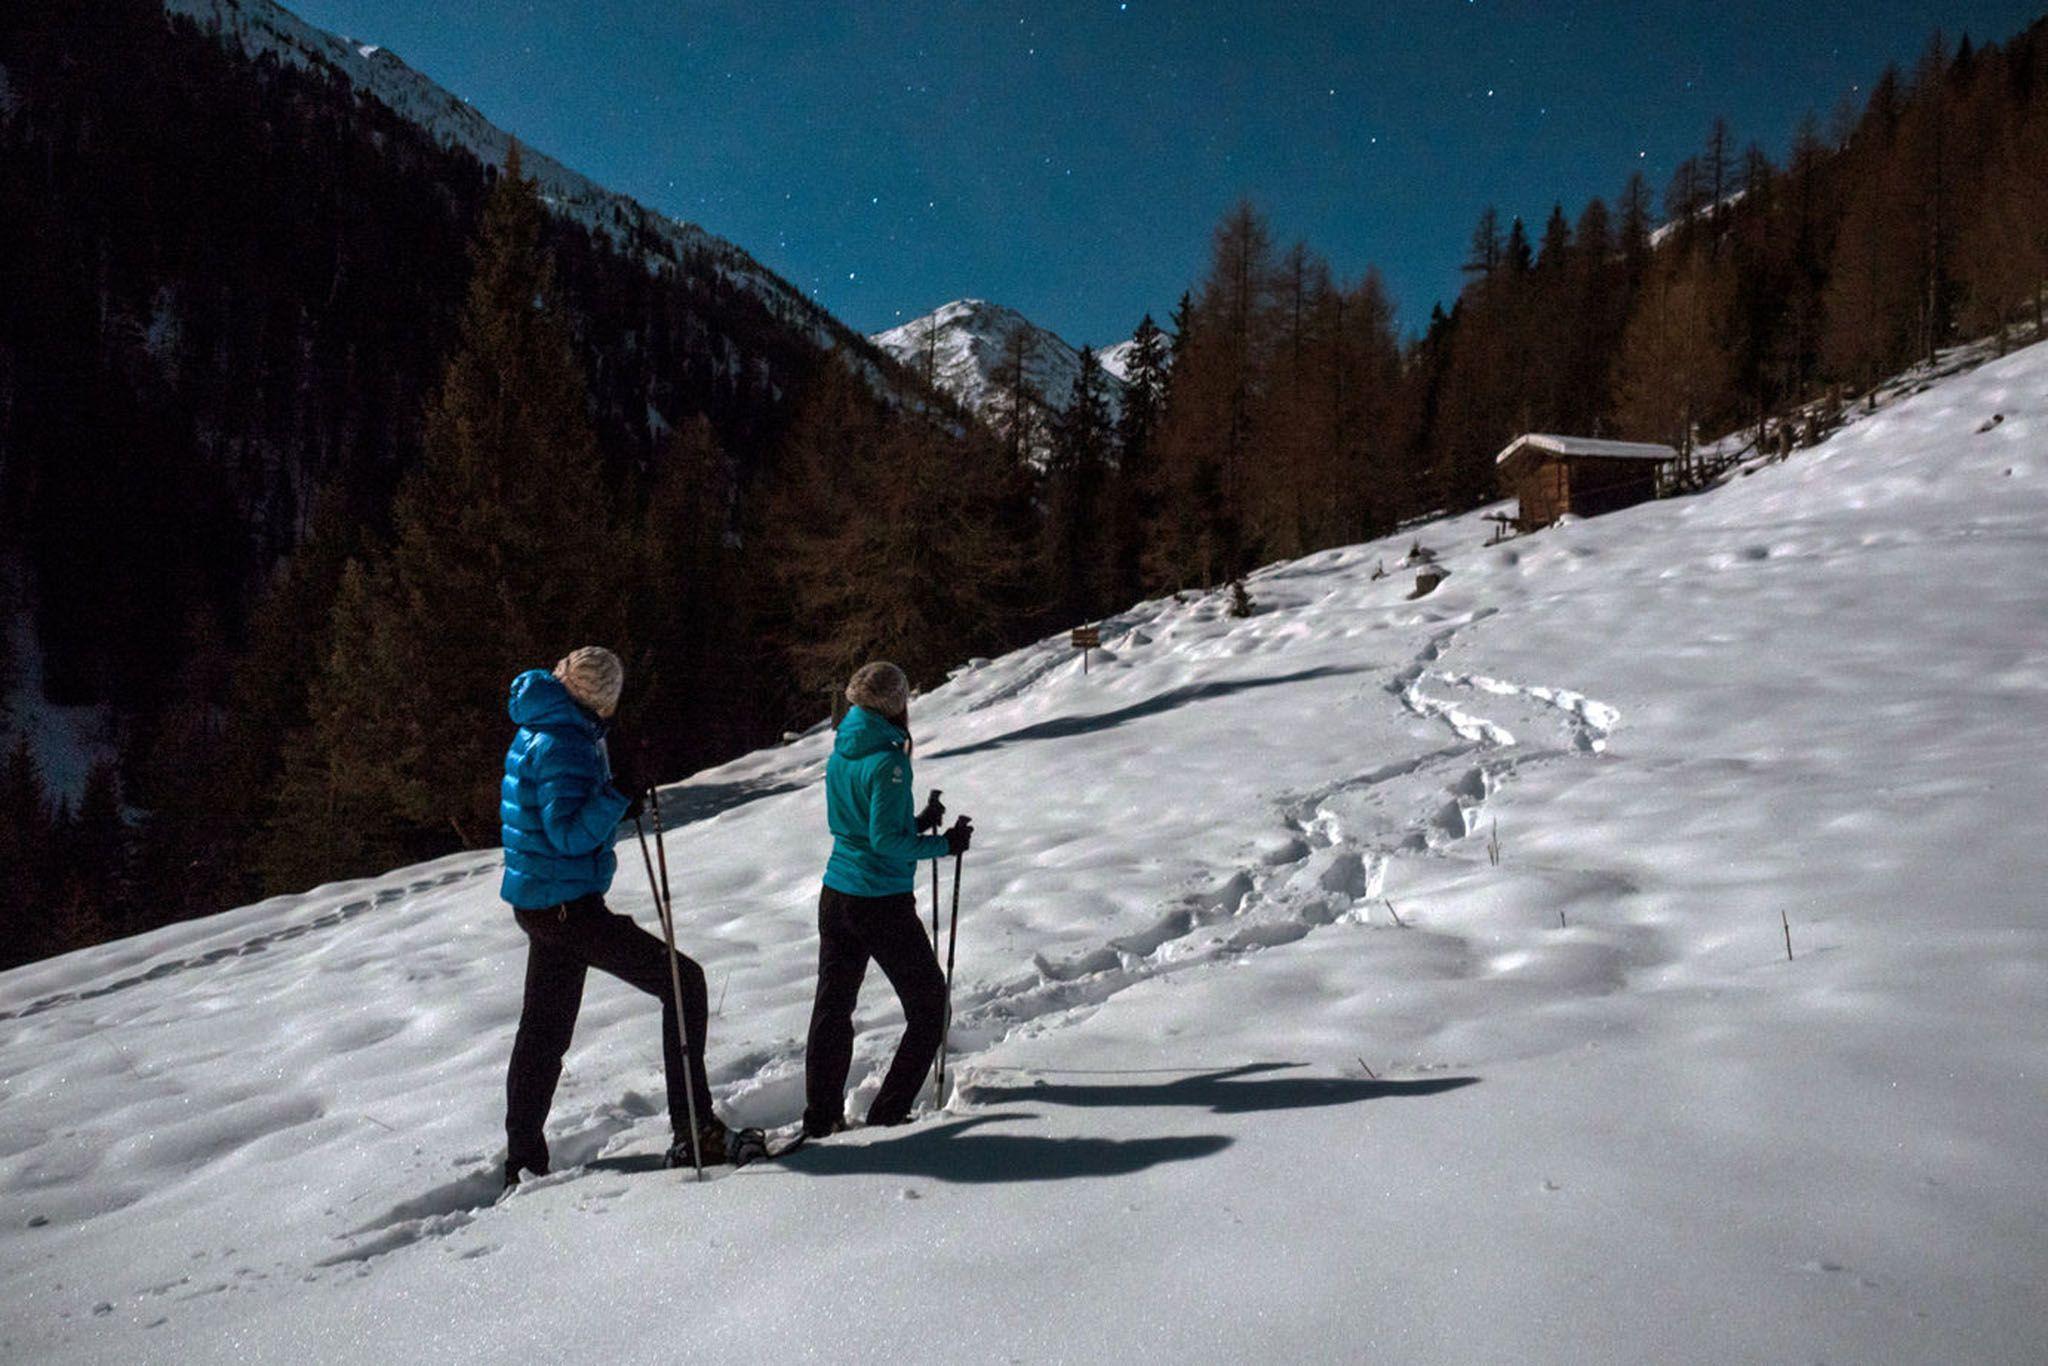 Schneeschuhwandern bei Mondschein – ein ganz besonderes Erlebnis (c) TVB Osttirol